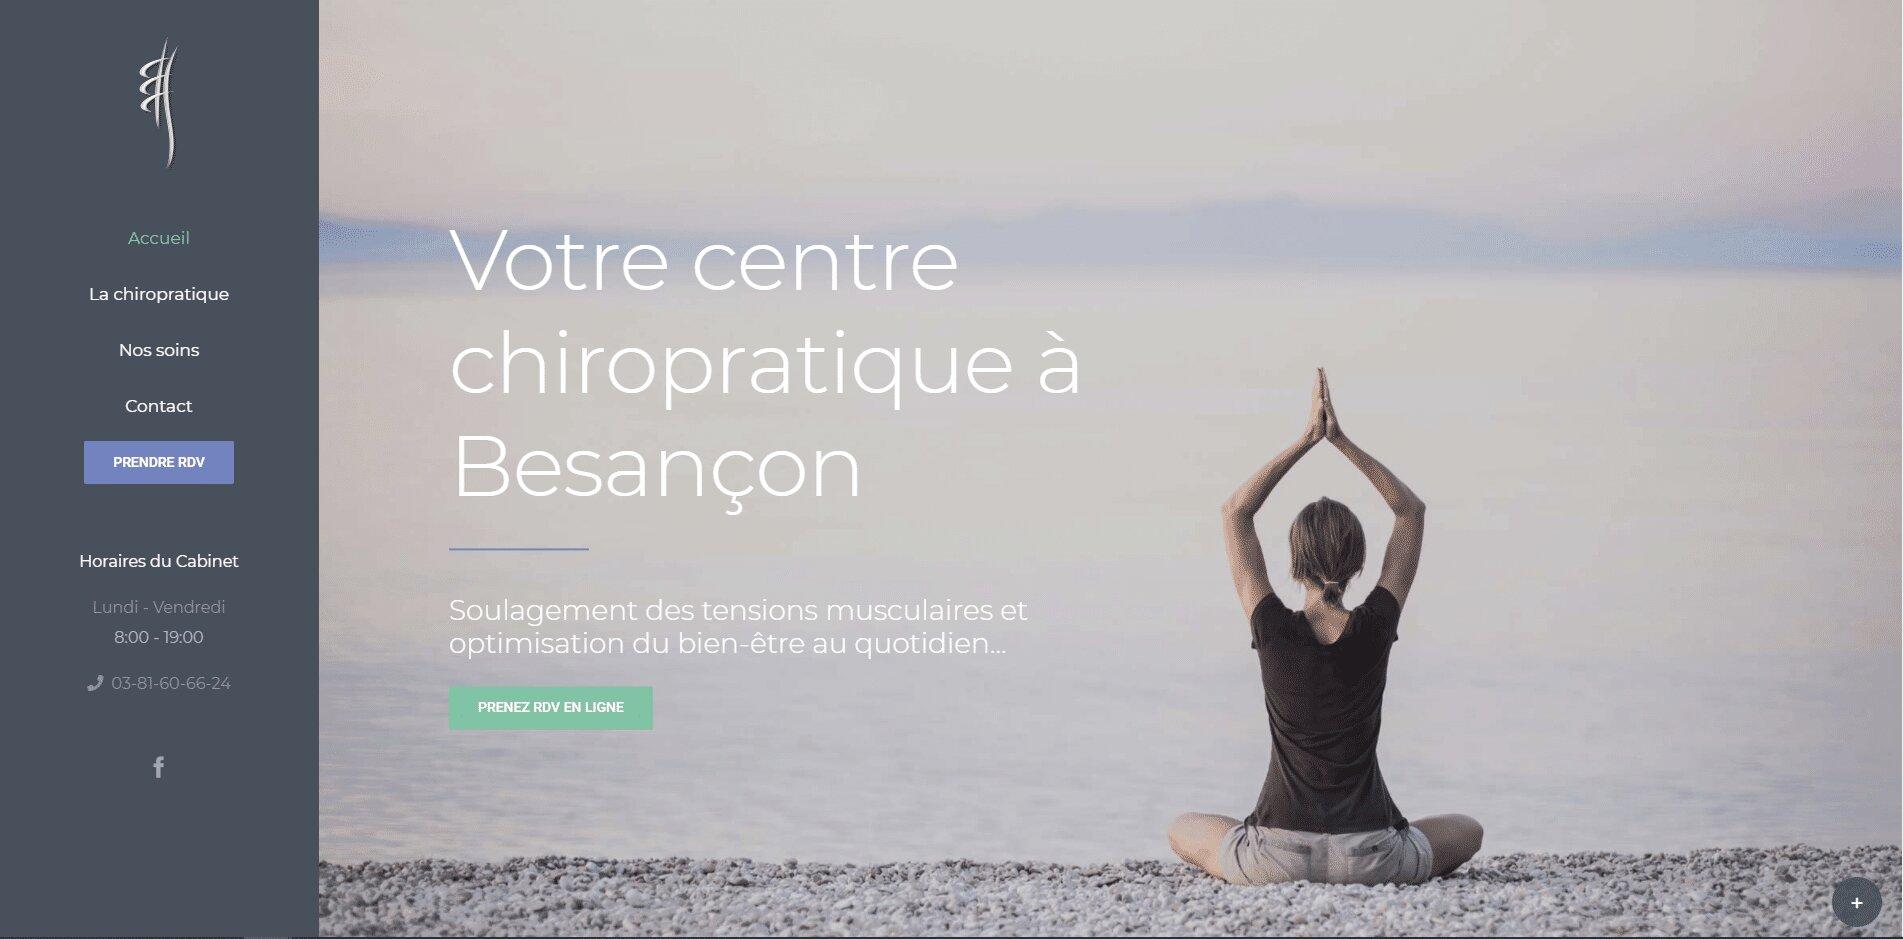 site web développé par notre agence web MediSeo Chiro Besançon